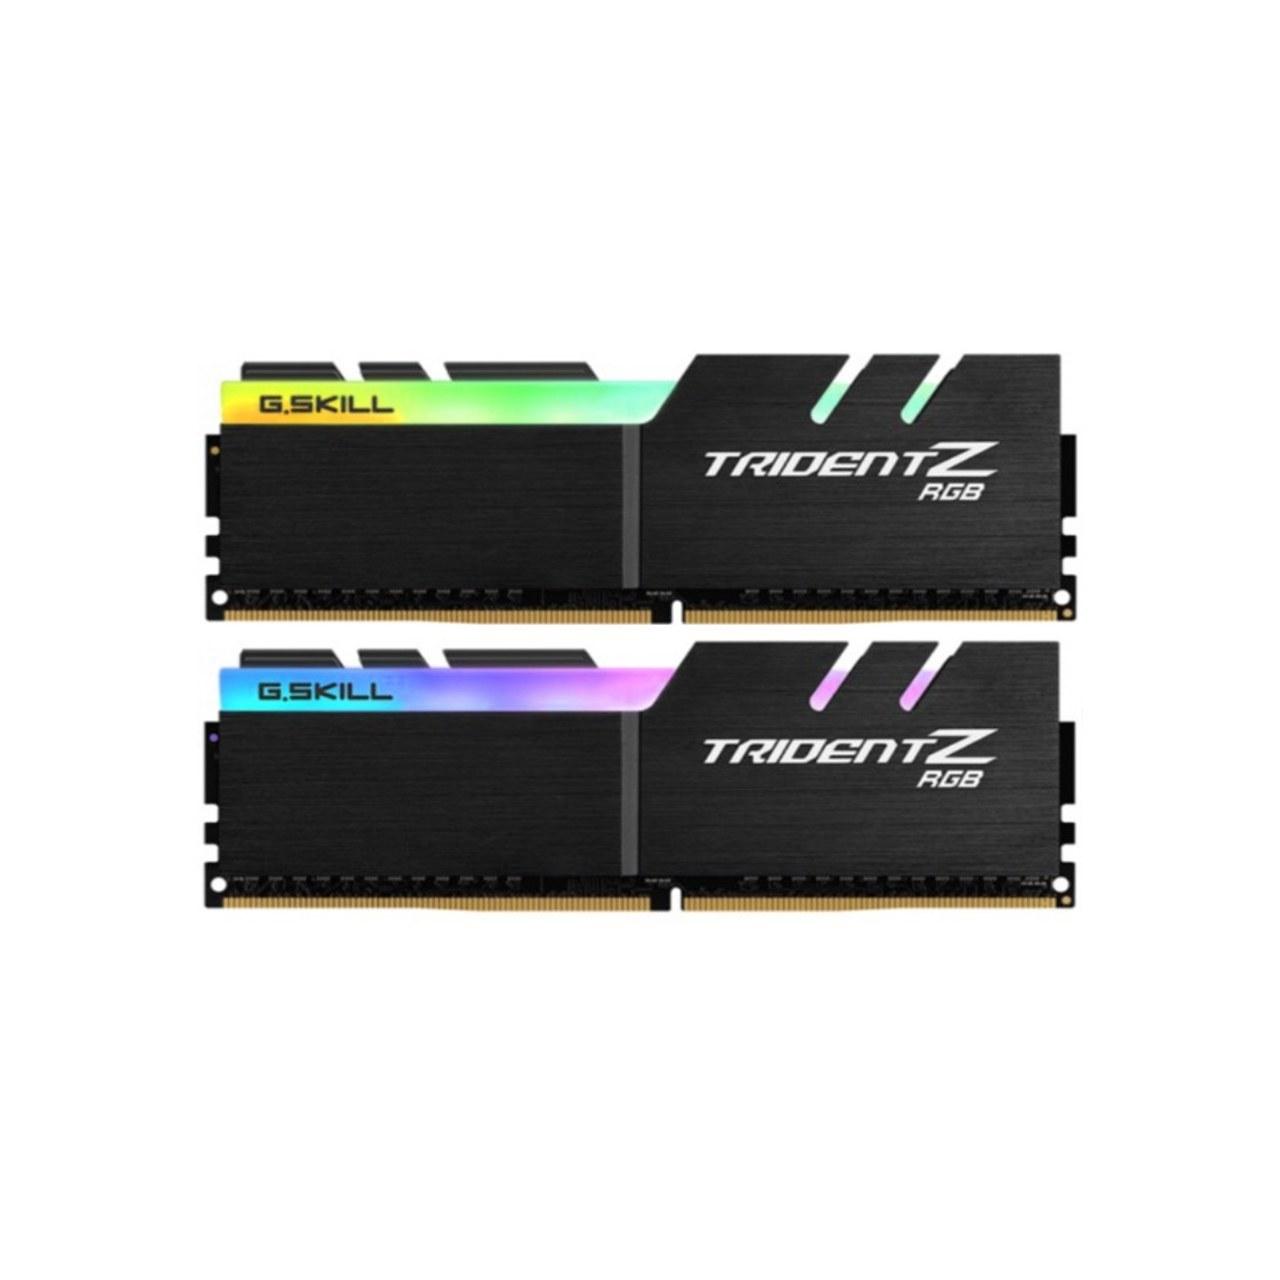 تصویر رم دسکتاپ DDR4 جی اسکیل دو کاناله 3600 مگاهرتز  مدل Trident Z RGB ظرفیت 64 گیگابایت CL16